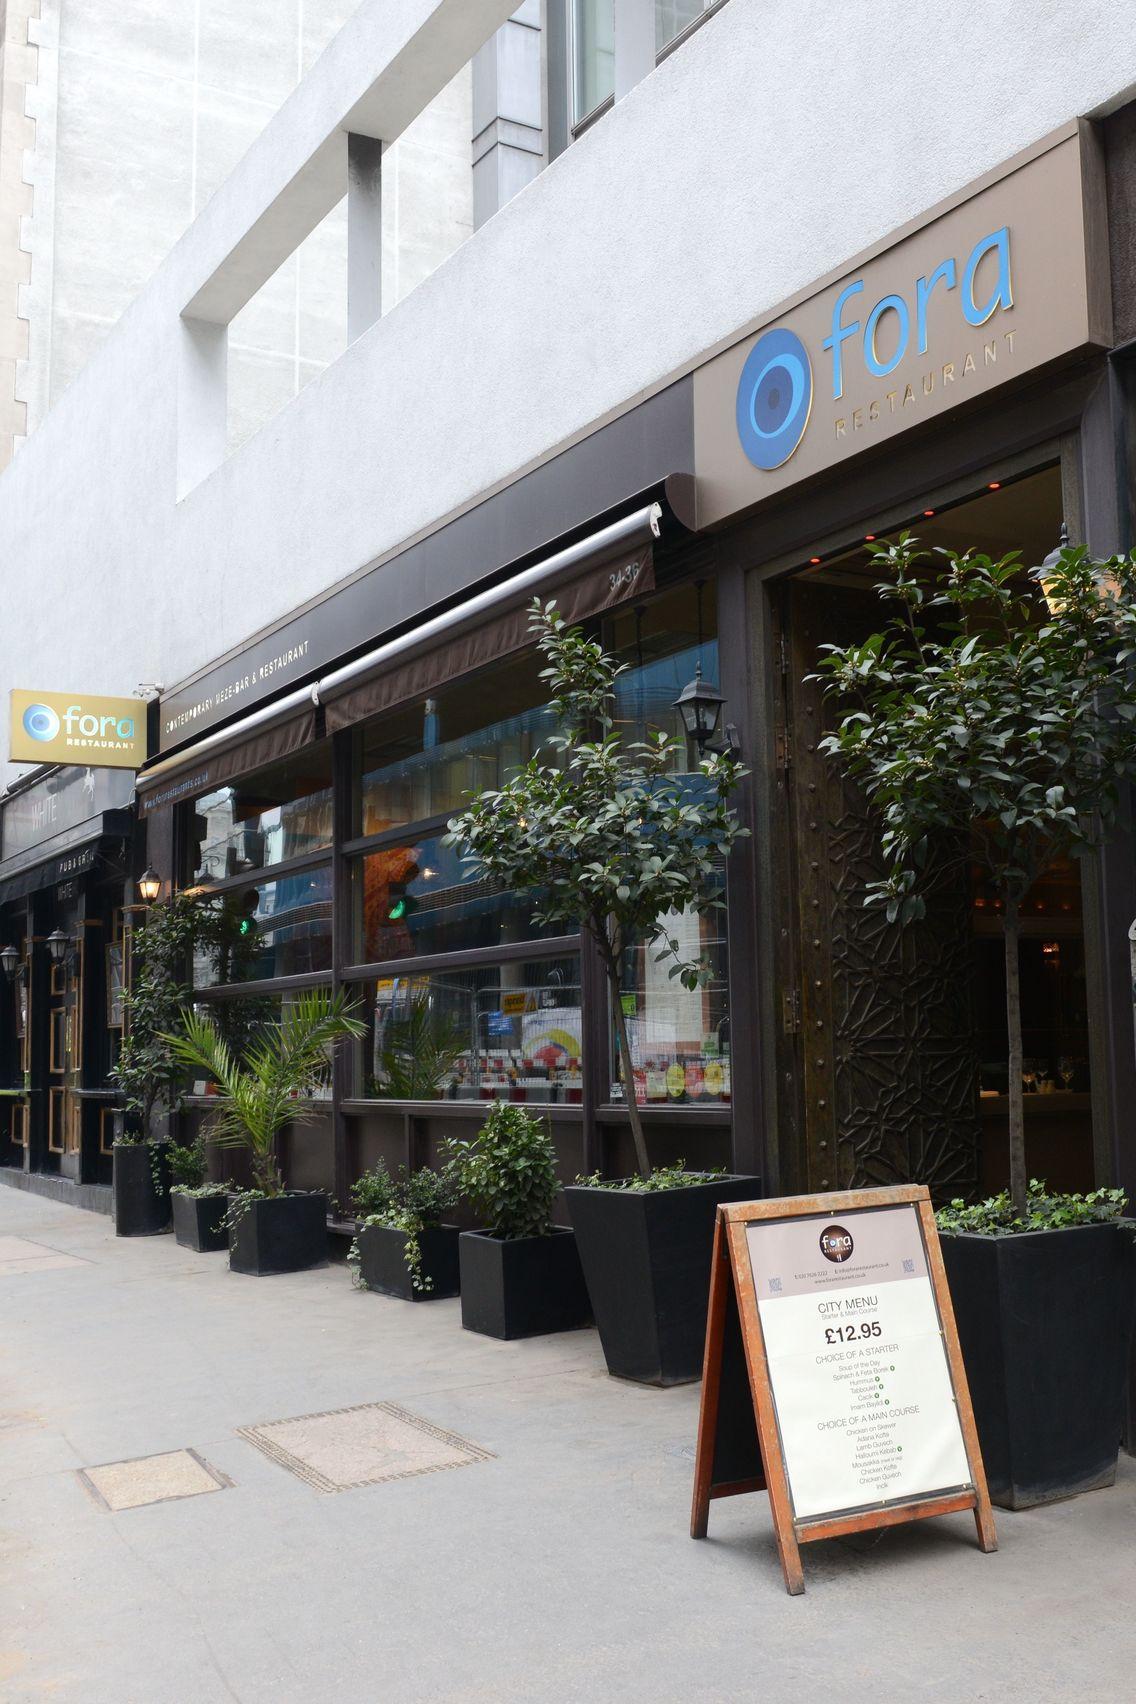 Lunch, Full Restaurant , Fora Restaurant